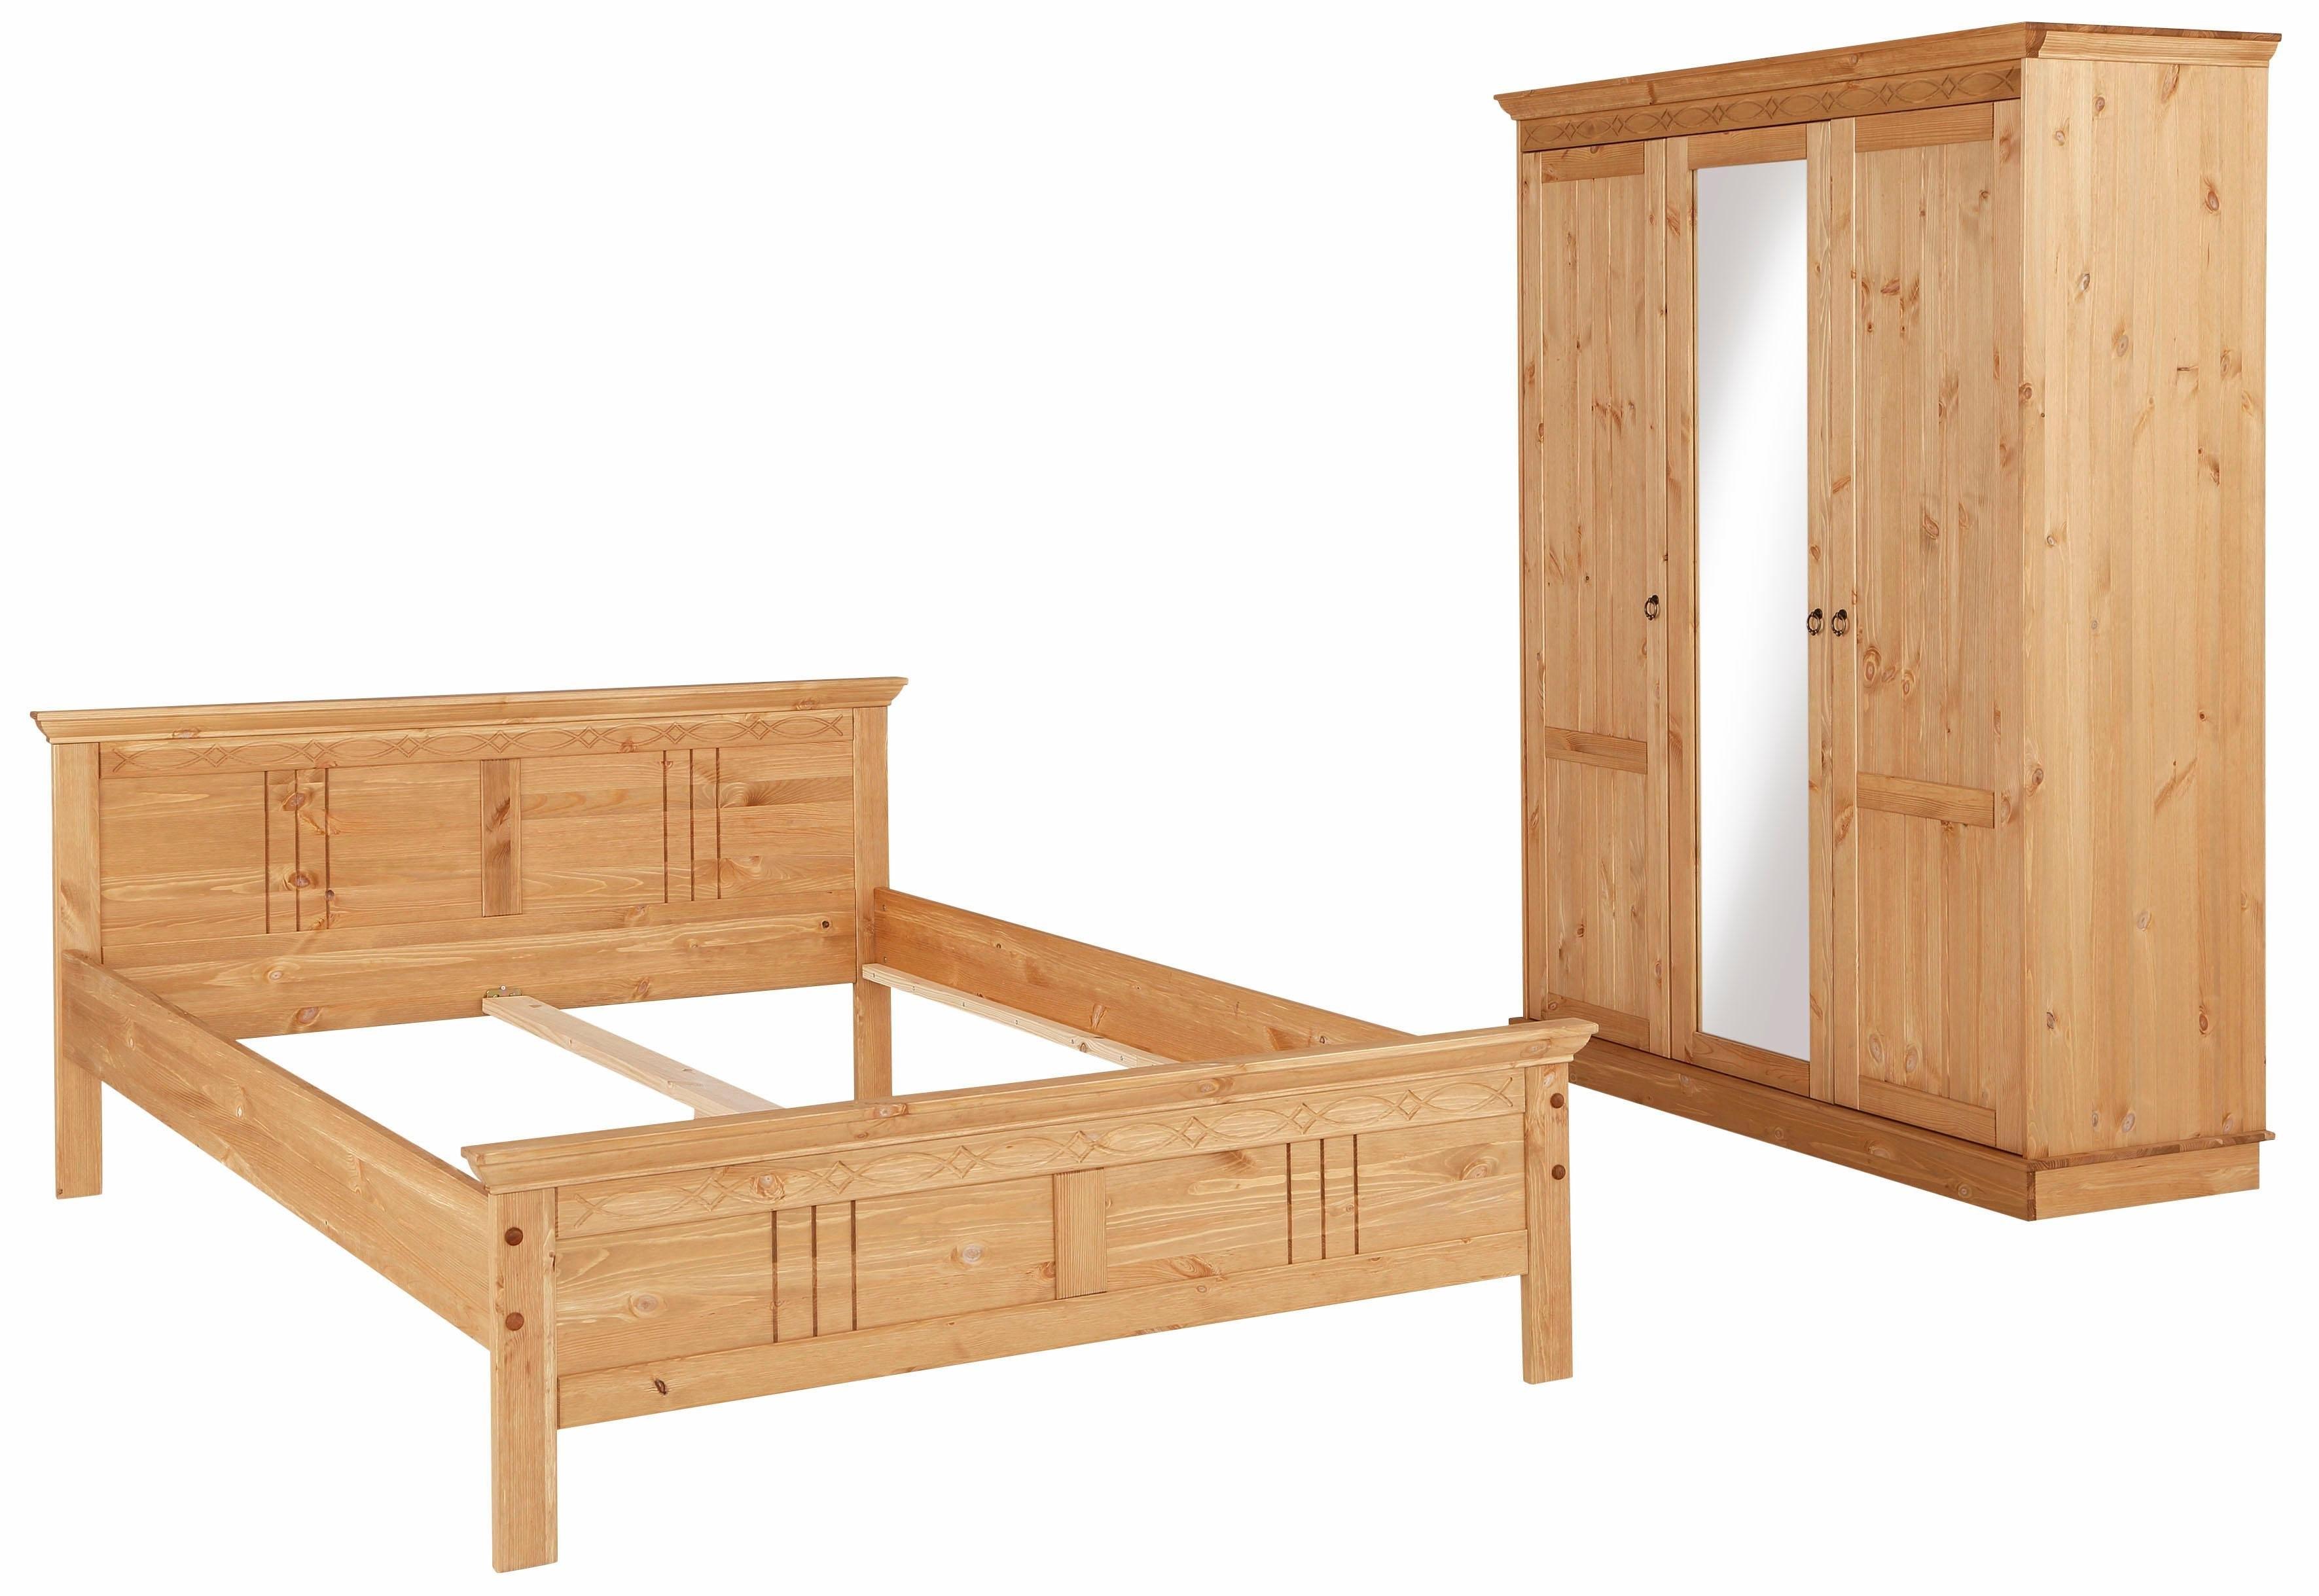 Home affaire slaapkamerserie Indra bestaand uit 140 cm breed bed en 3-deurs kast (set, 2 stuks) bij OTTO online kopen